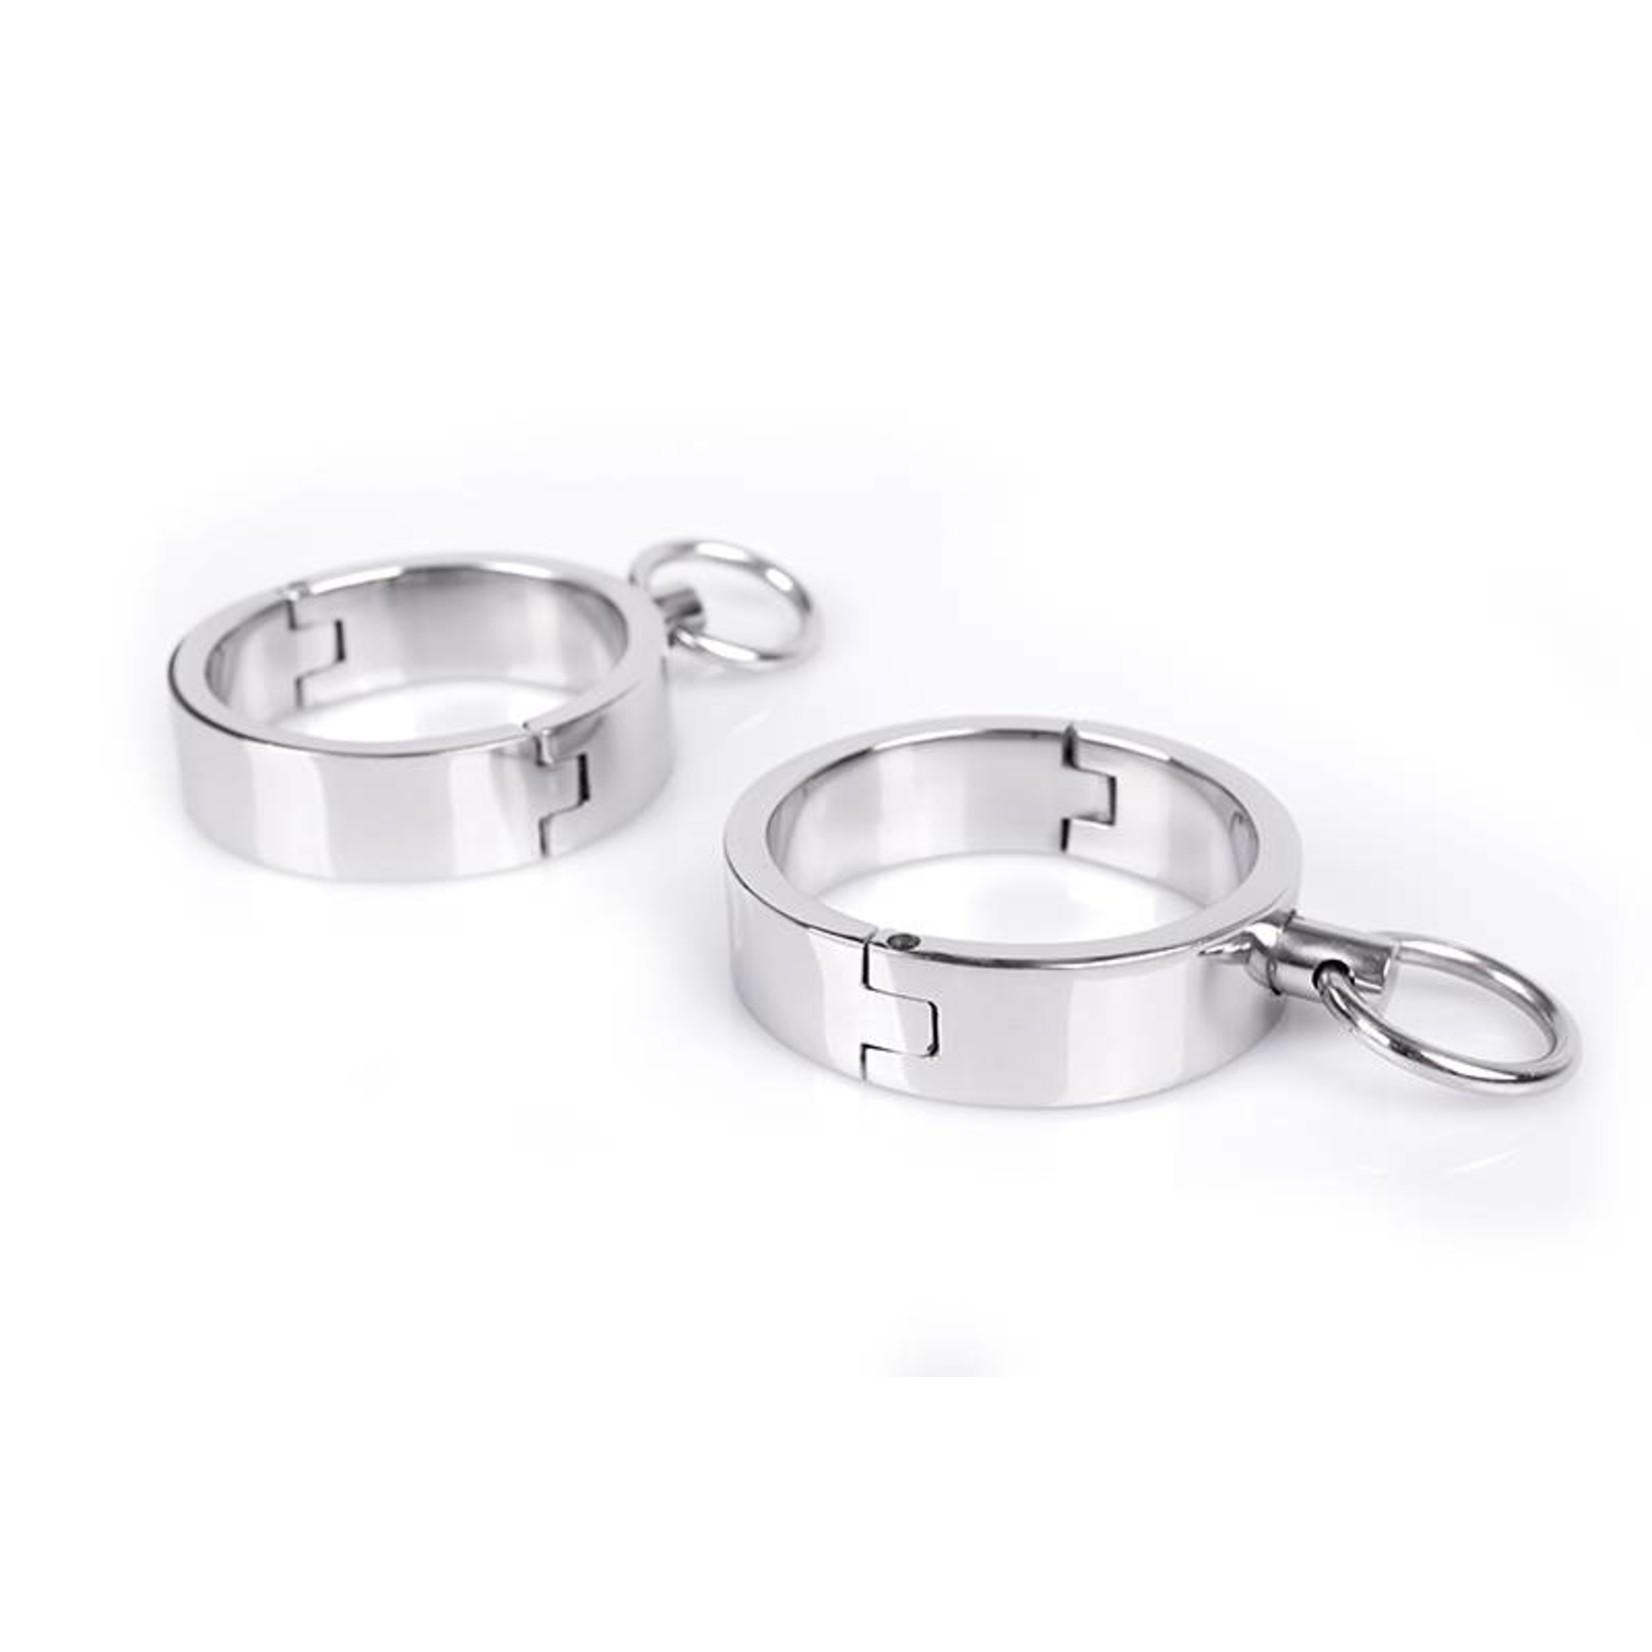 KIOTOS Steel Deluxe Handcuffs